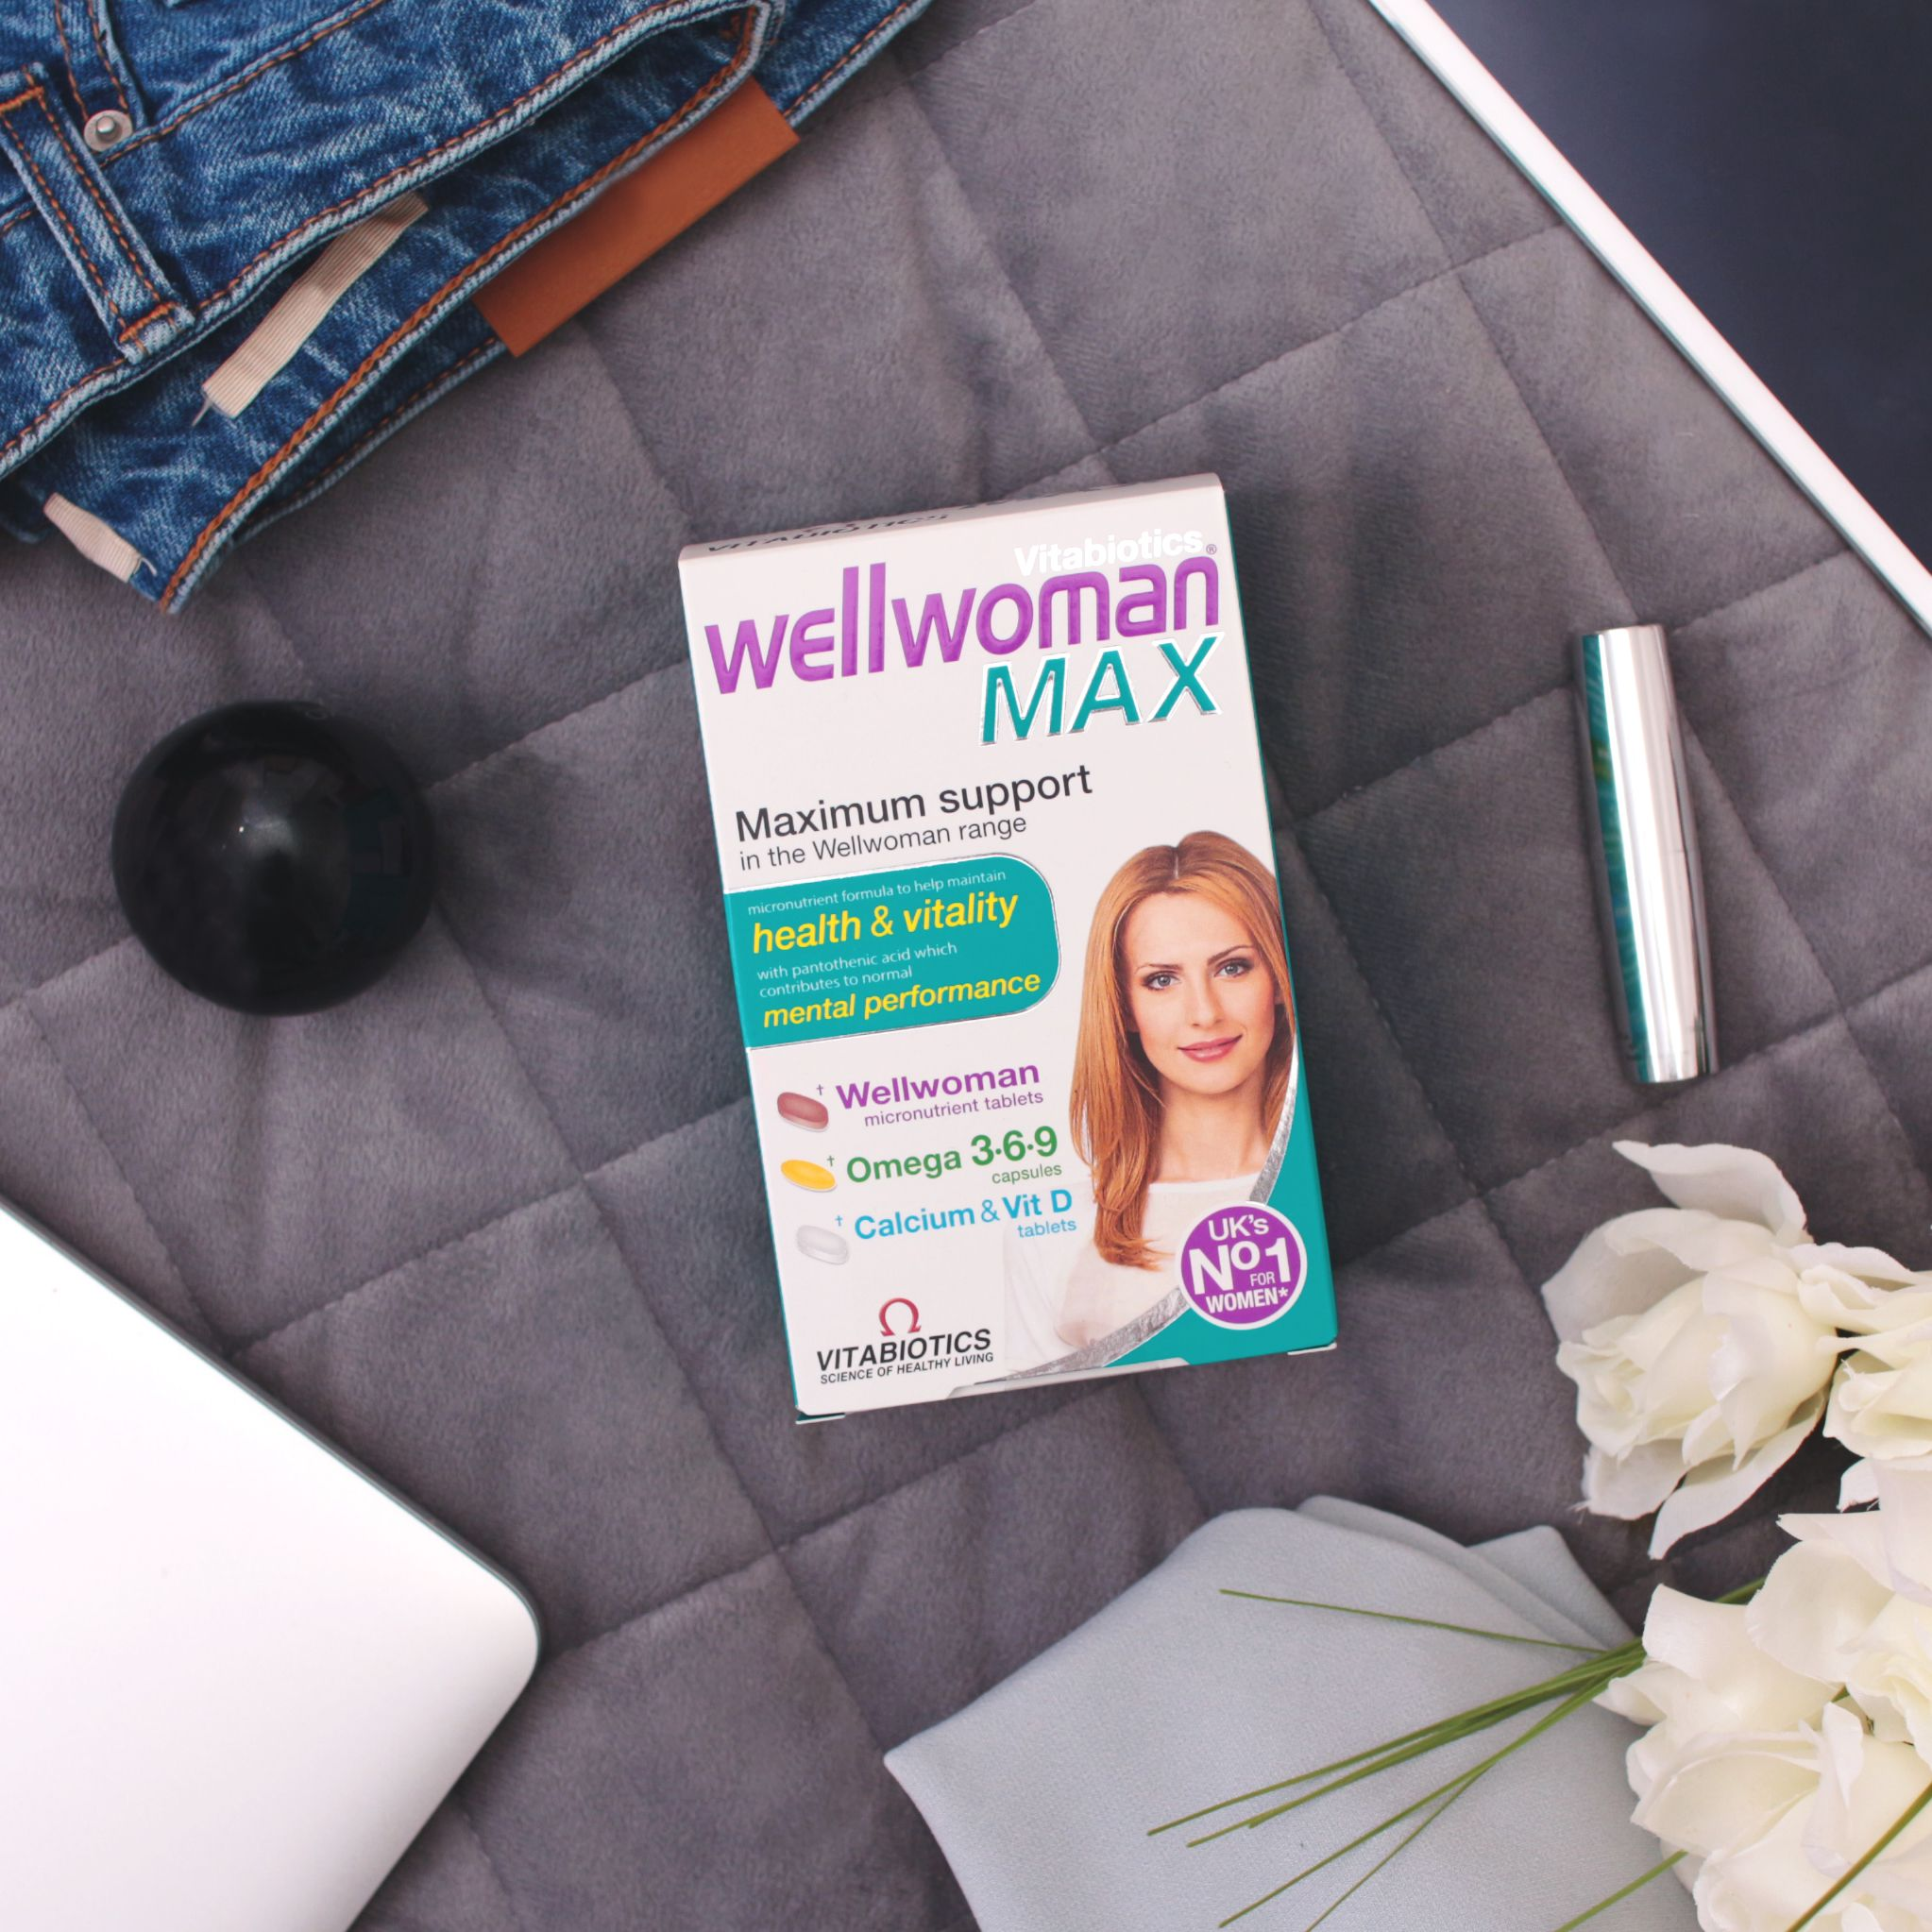 Wellwoman Max Vitamin B1 Vitamins